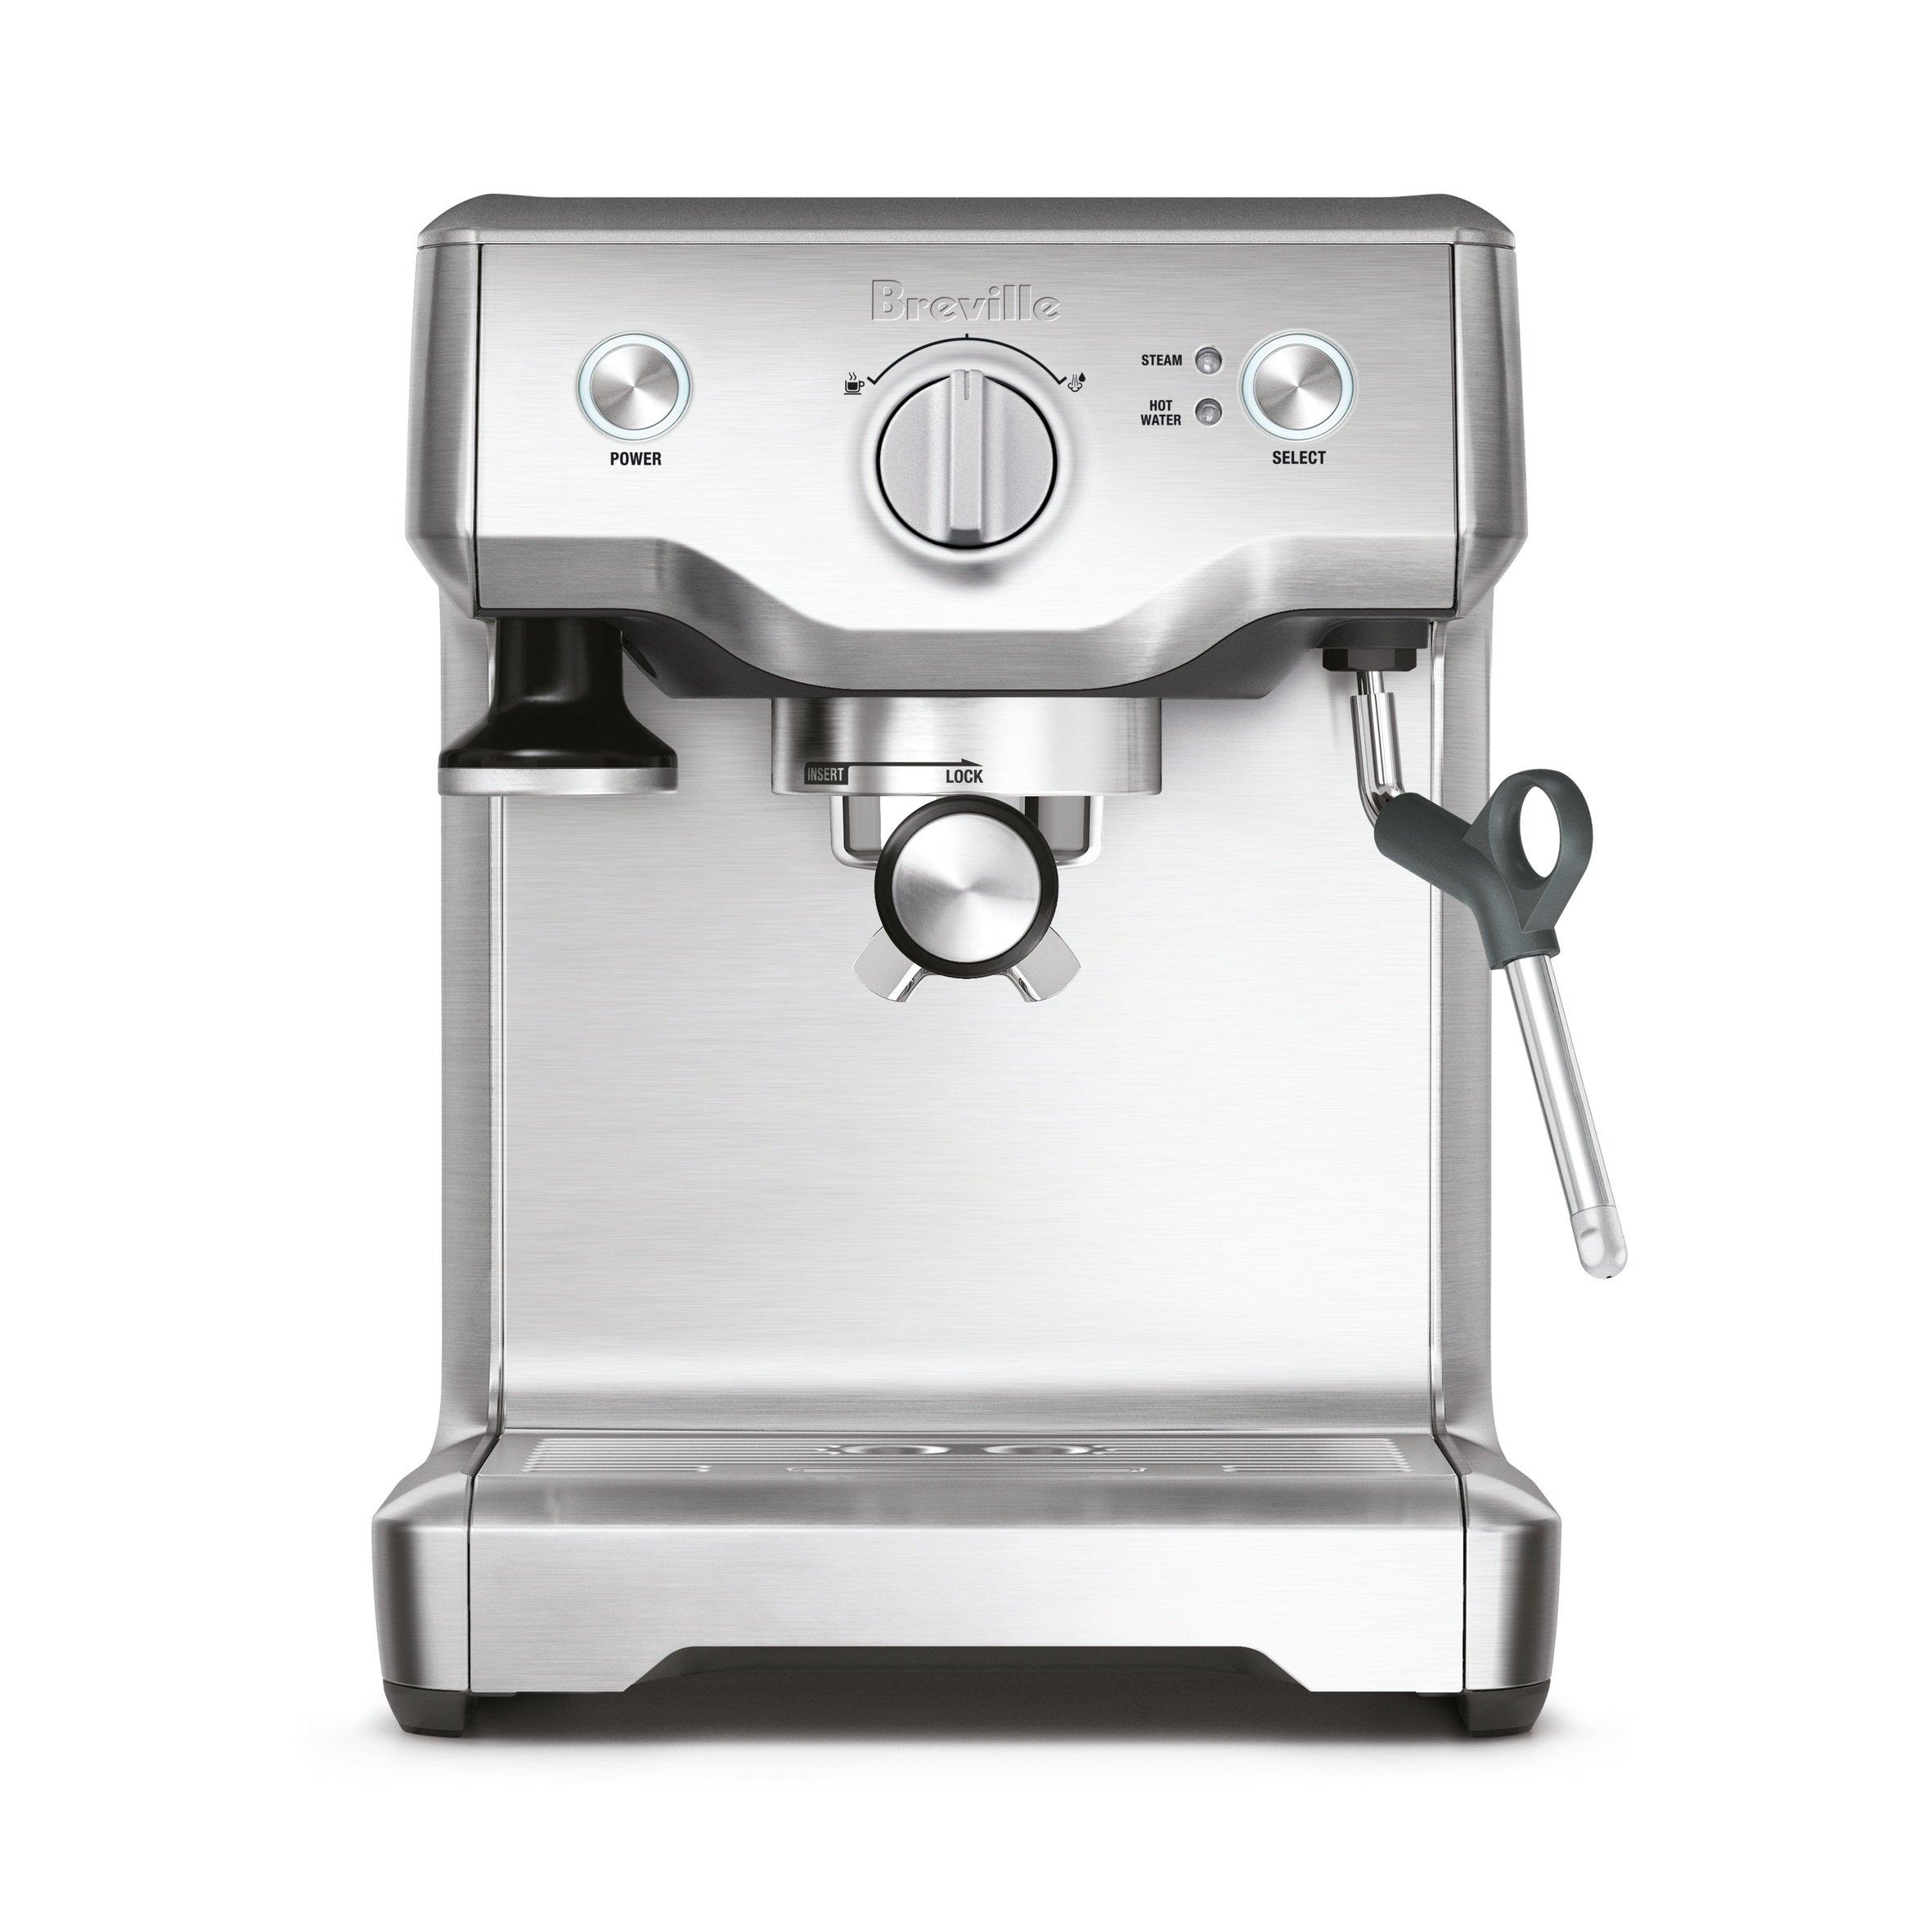 Breville RM-BES810BSS espresso Maker, Silver